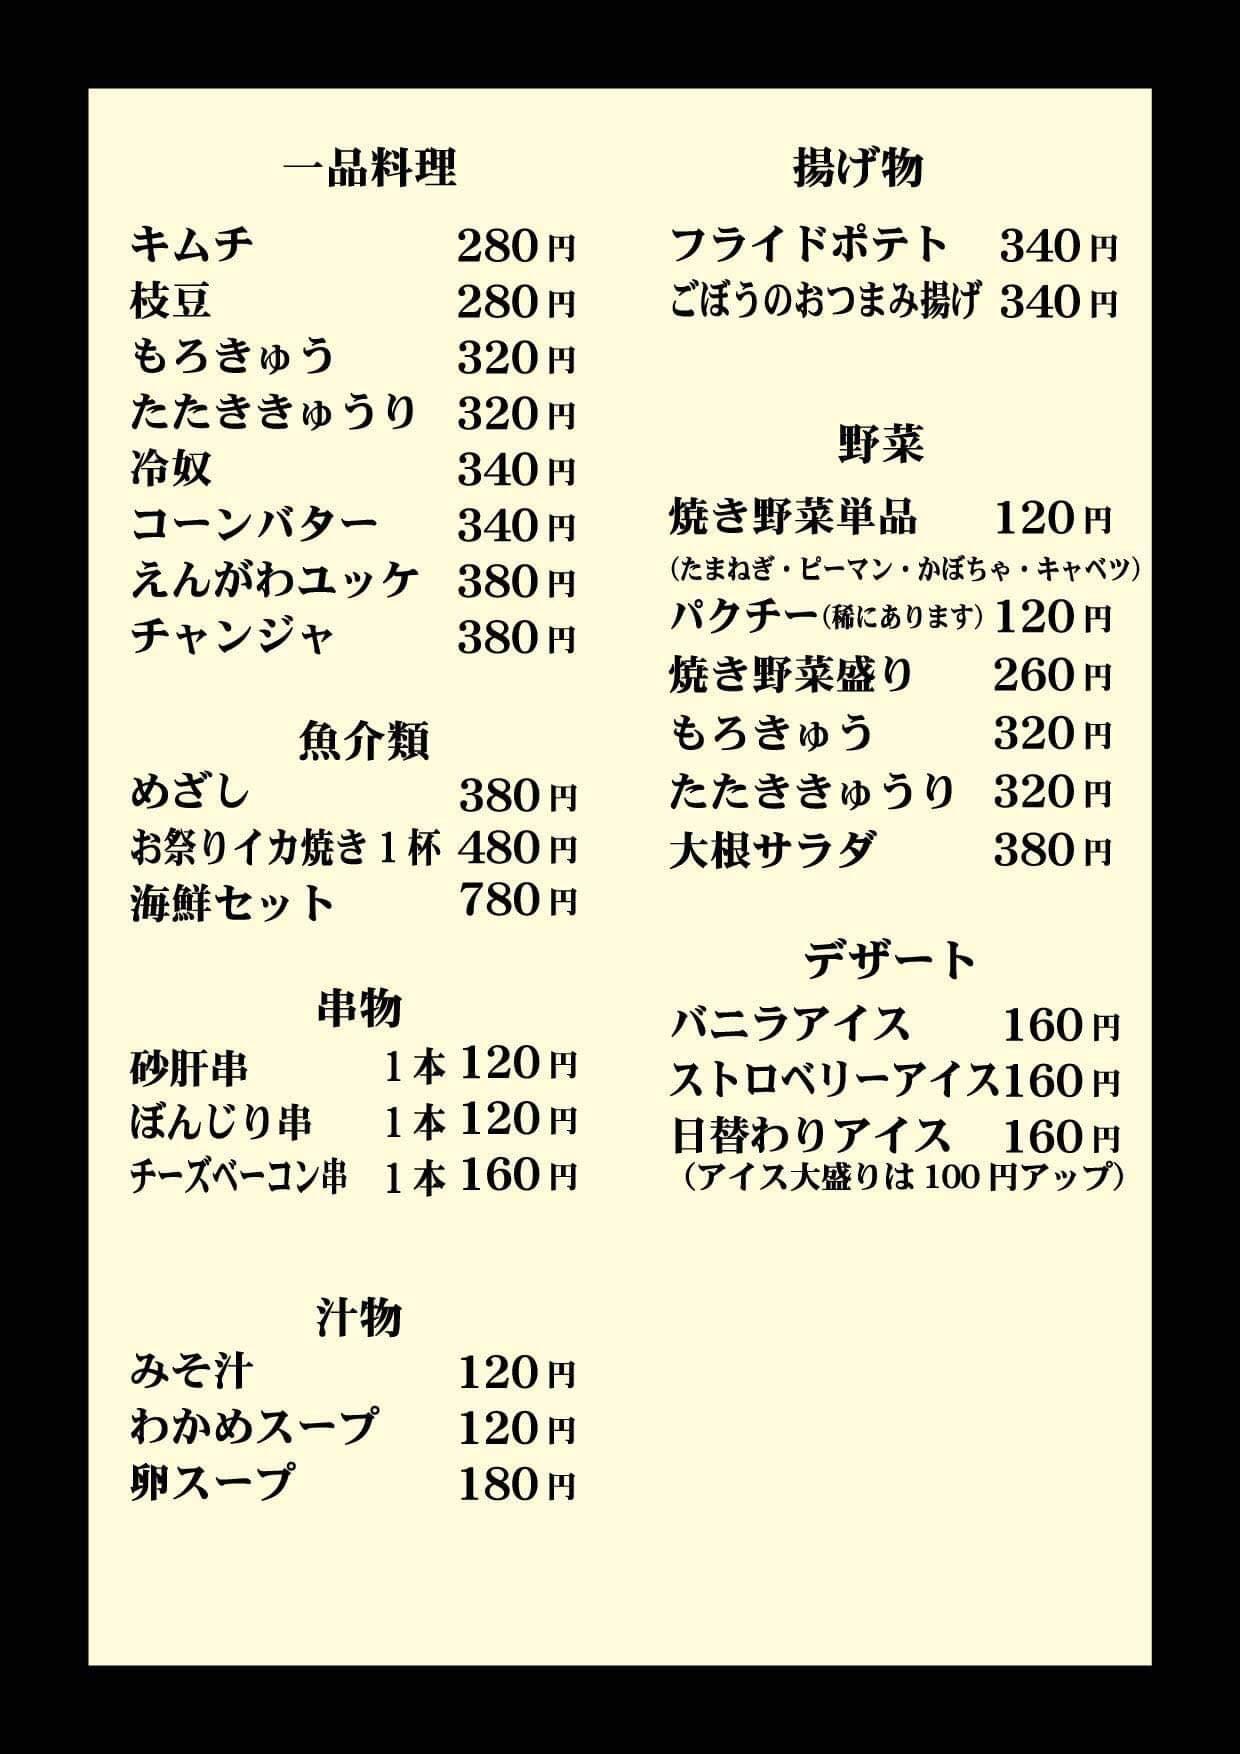 いちりゅう南宮崎店サイドメニュー